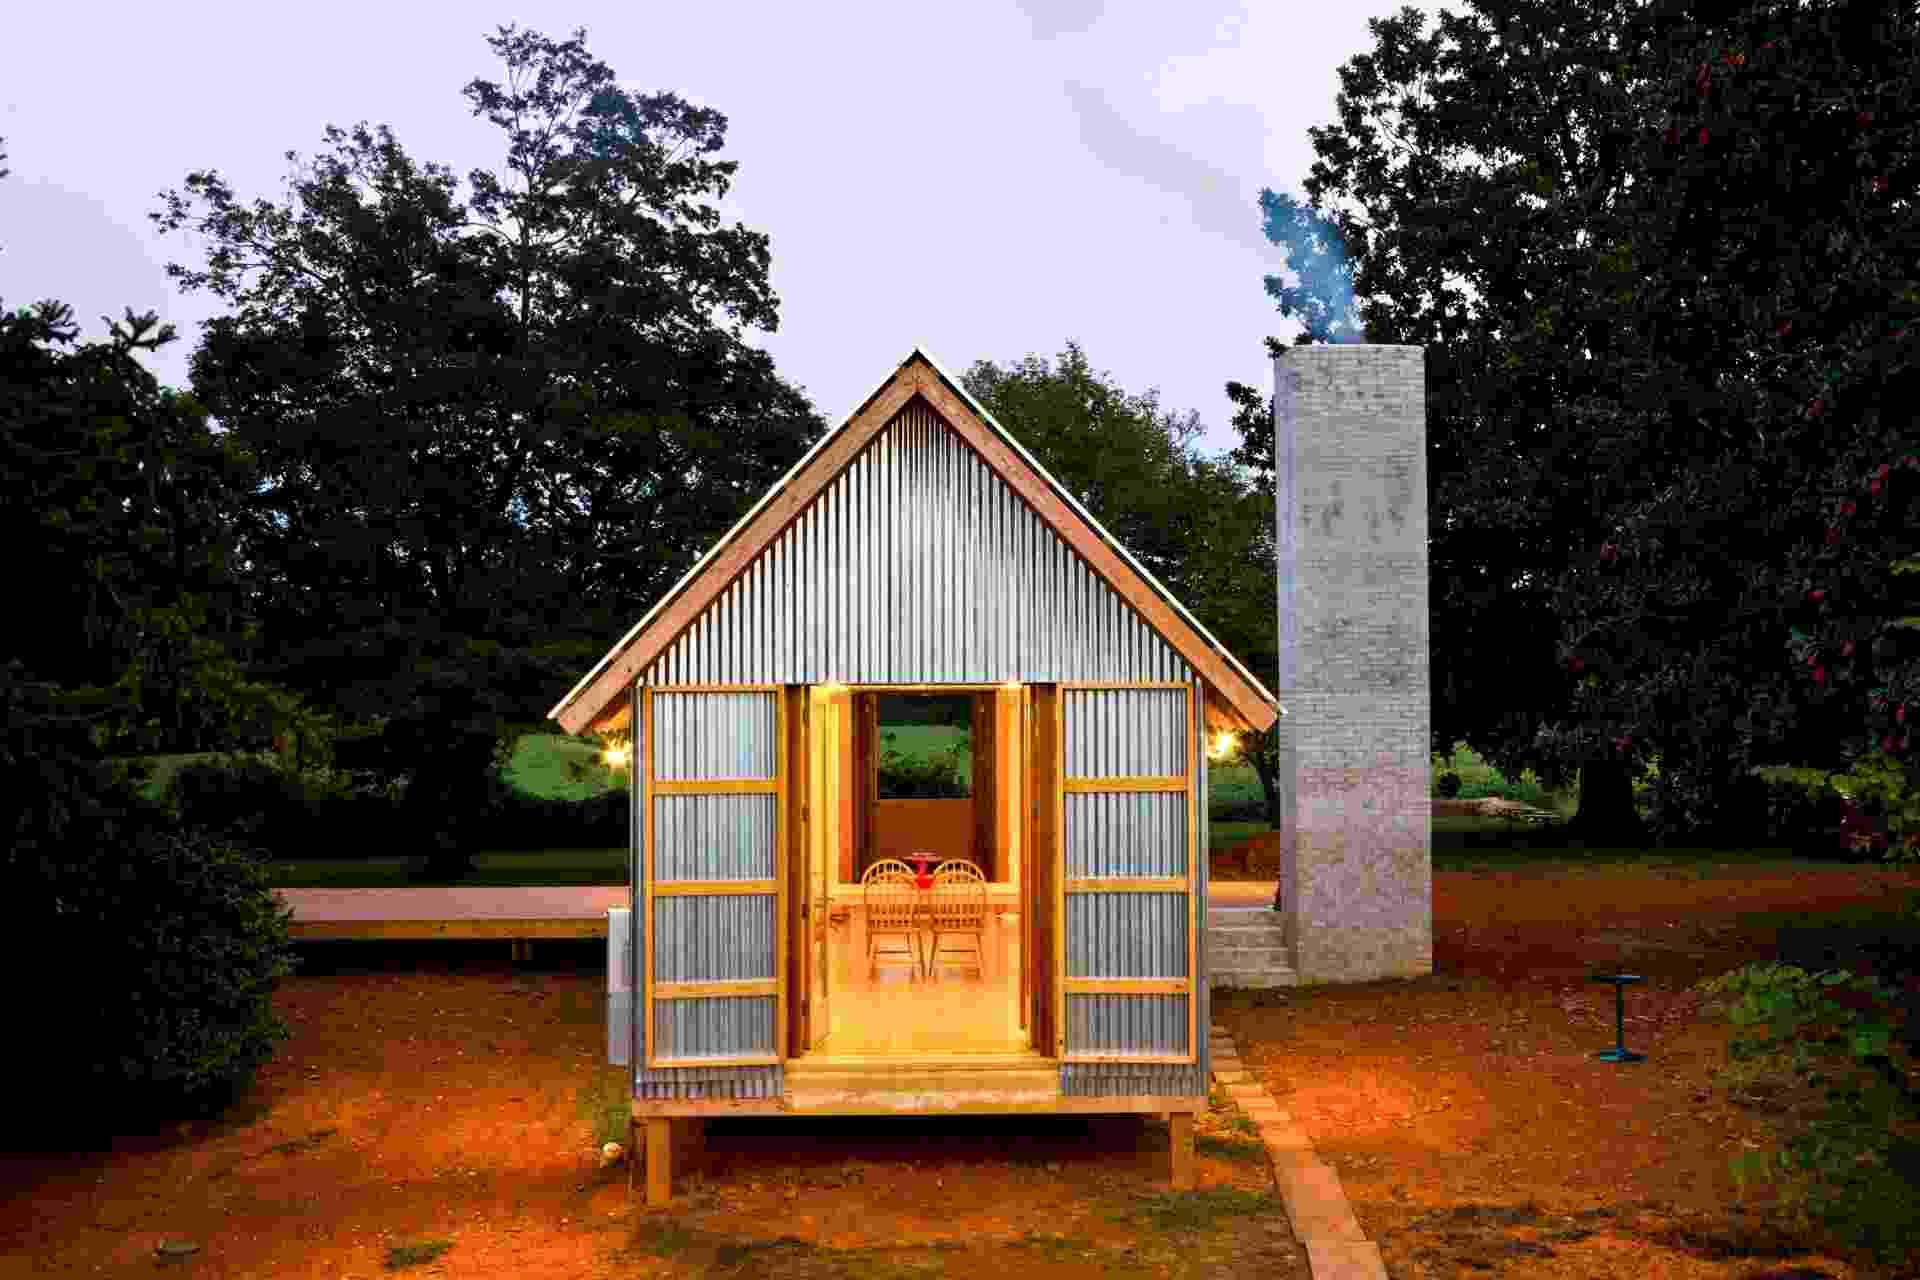 Zachary House, na Carolina do Norte, projetada pelo arquiteto Stephen Atkinson (imagem do NYT, usar apenas no respectivo material) - Sara Essex Bradley/The New York Times